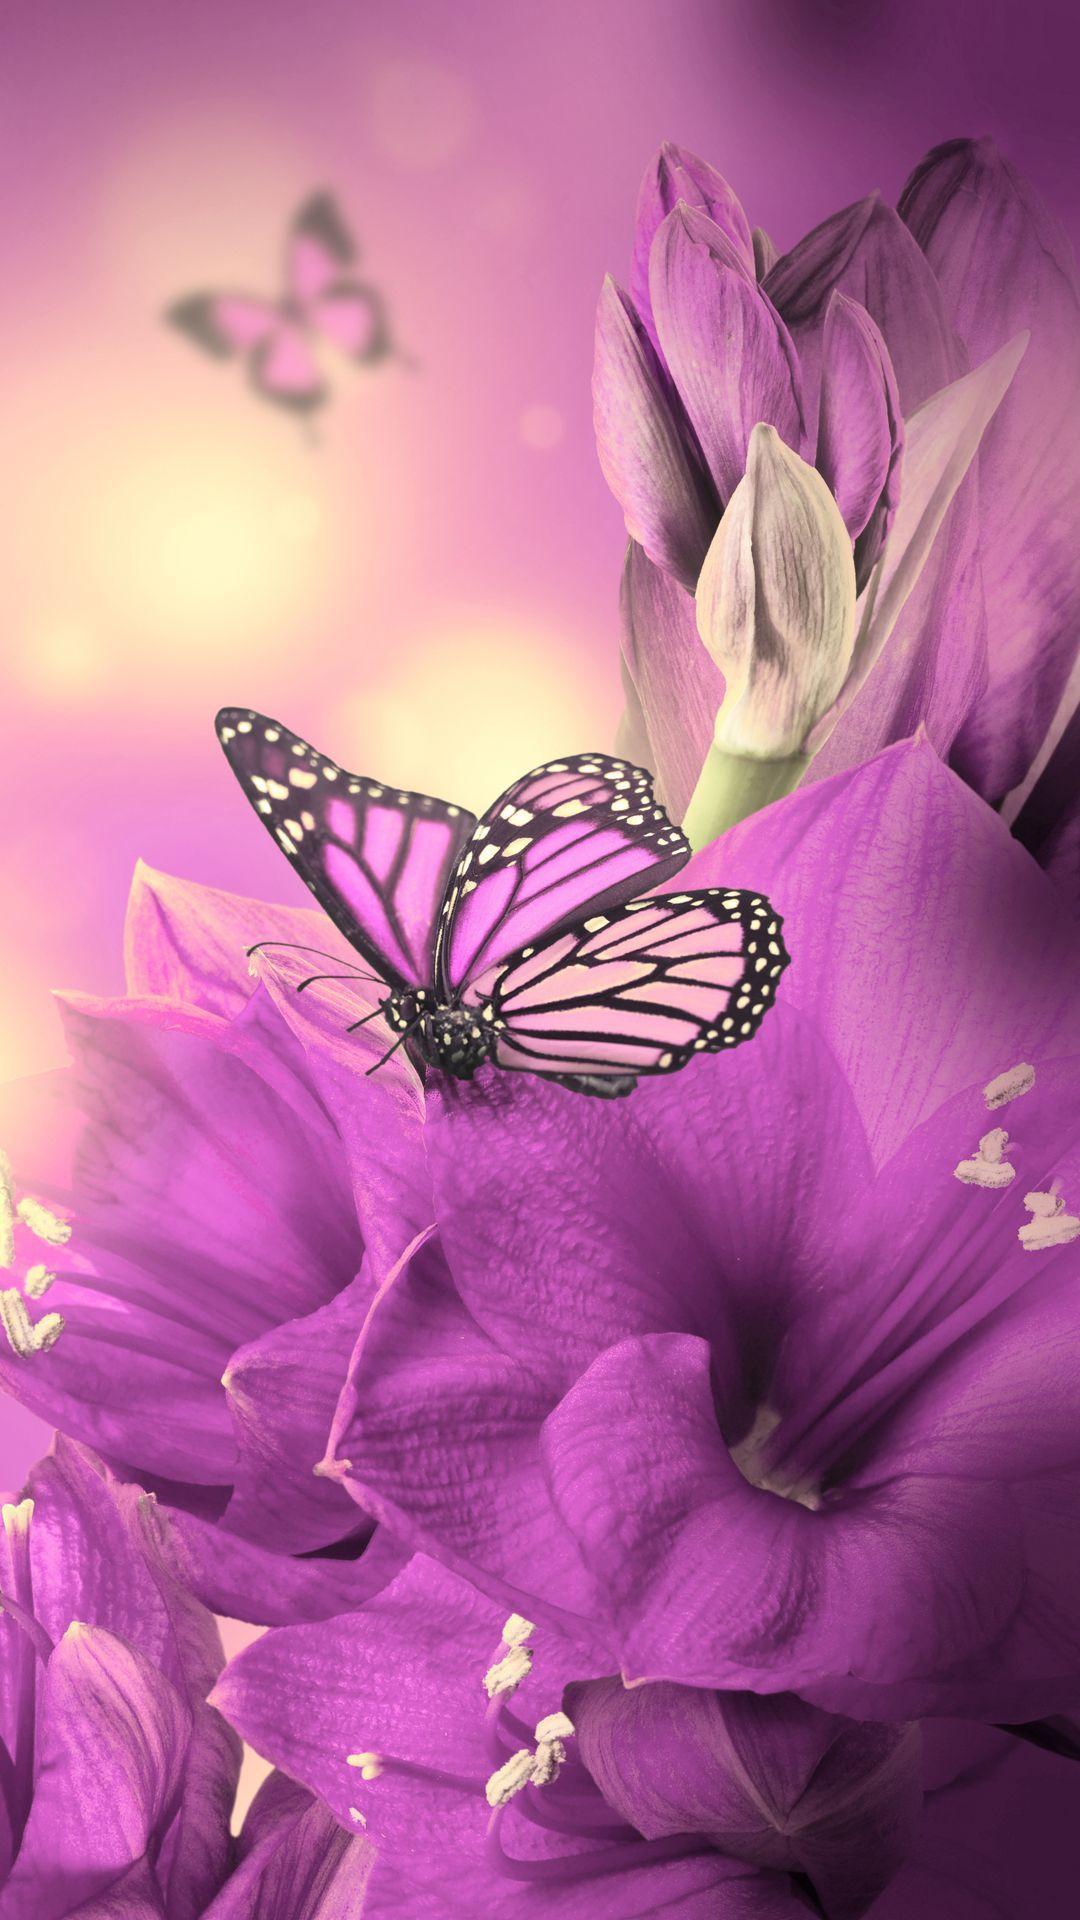 1080x1920 Primula Purple Butterfly Tải xuống Hình nền iPhone 8.  điện thoại Iphone